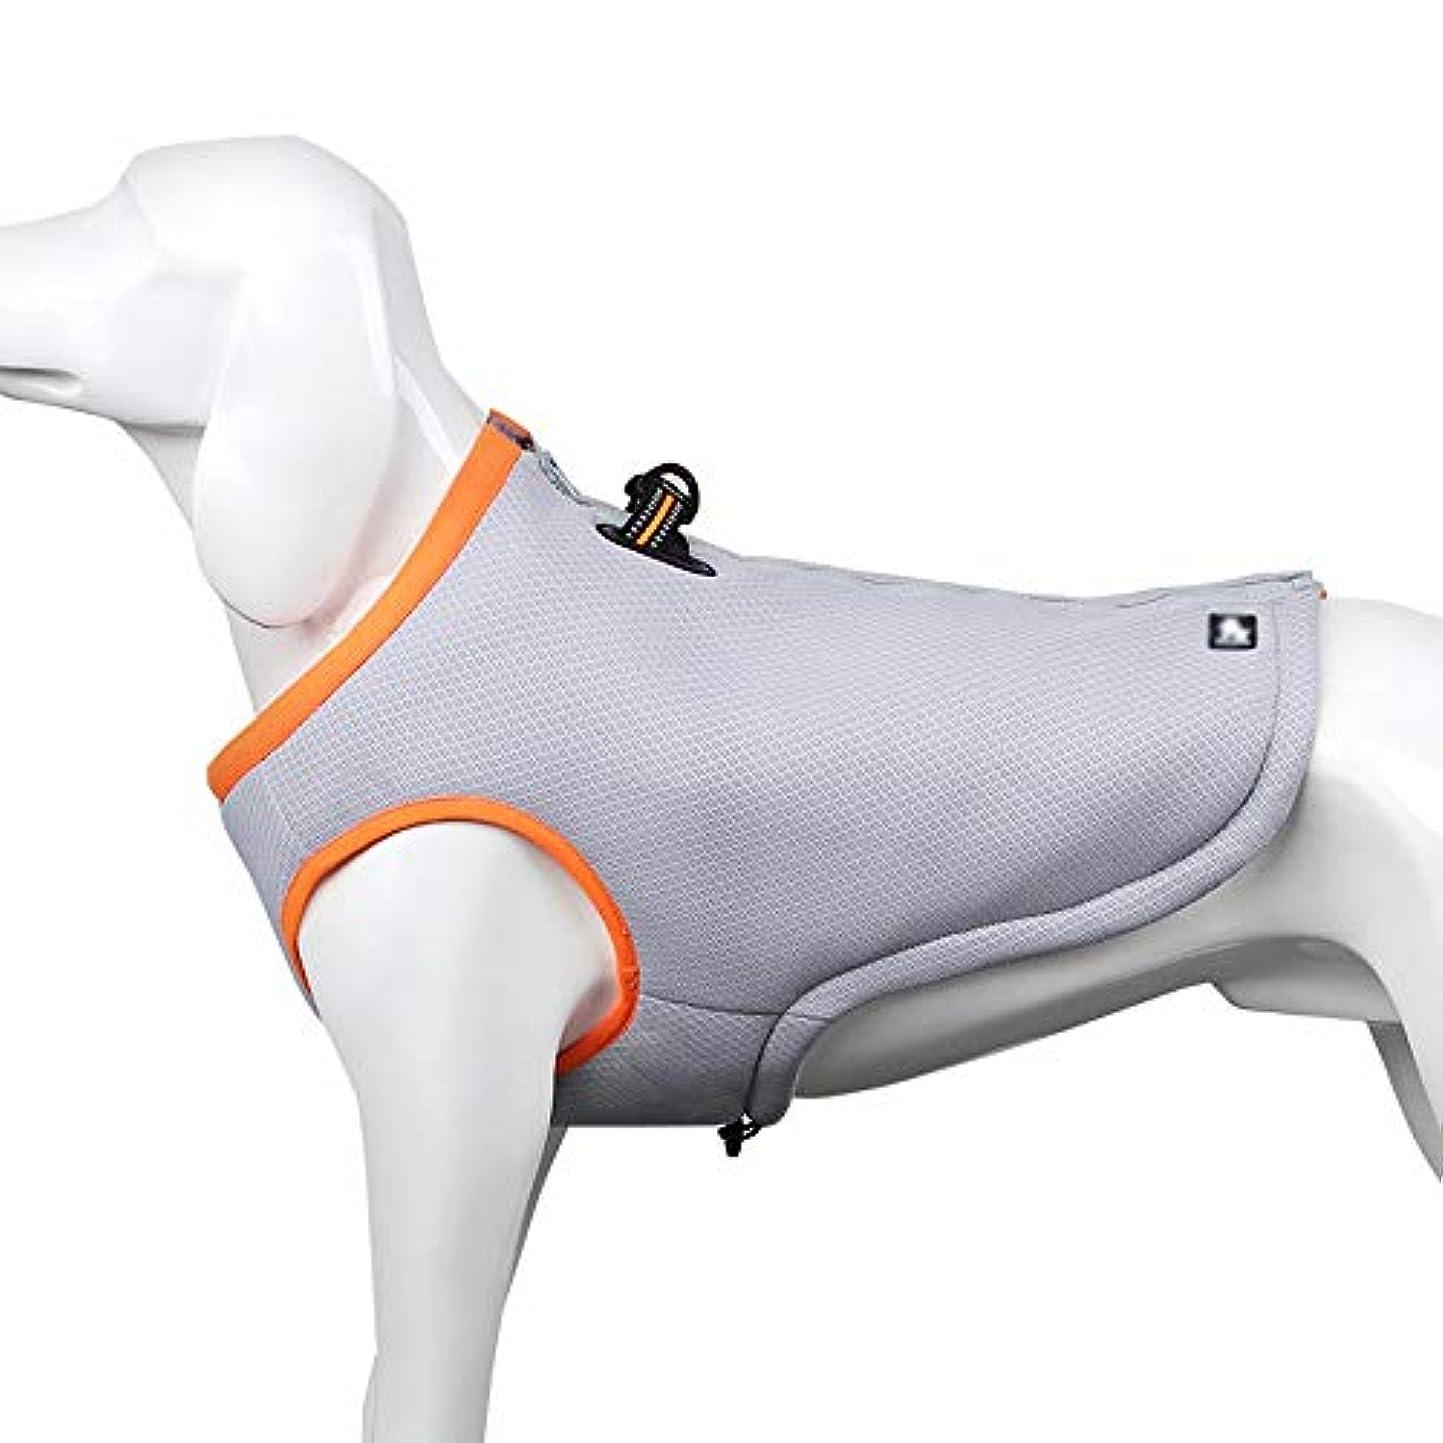 修復薄暗いサロンSportgosto 犬用ハーネス引くことができないペット用ハーネス調節可能な屋外ペット用ベストスクリーンクロス素材ベスト用犬用中型大型犬用簡単制御 (色 : オレンジ, サイズ : S)